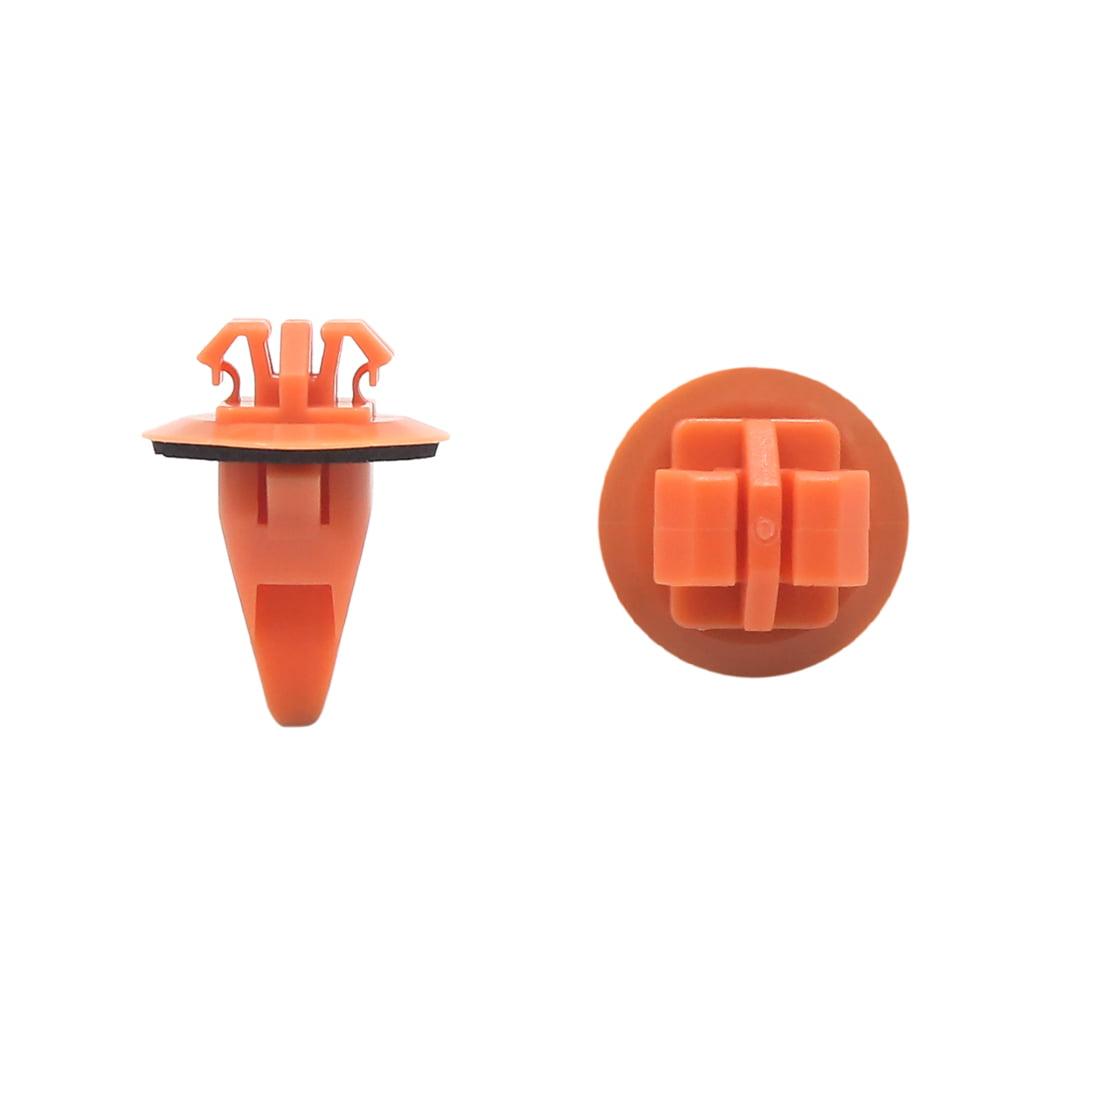 50Pcs Rivet Plastique Orange 11x8mm Clip Fixation Pare-Chocs Porte - image 2 de 2